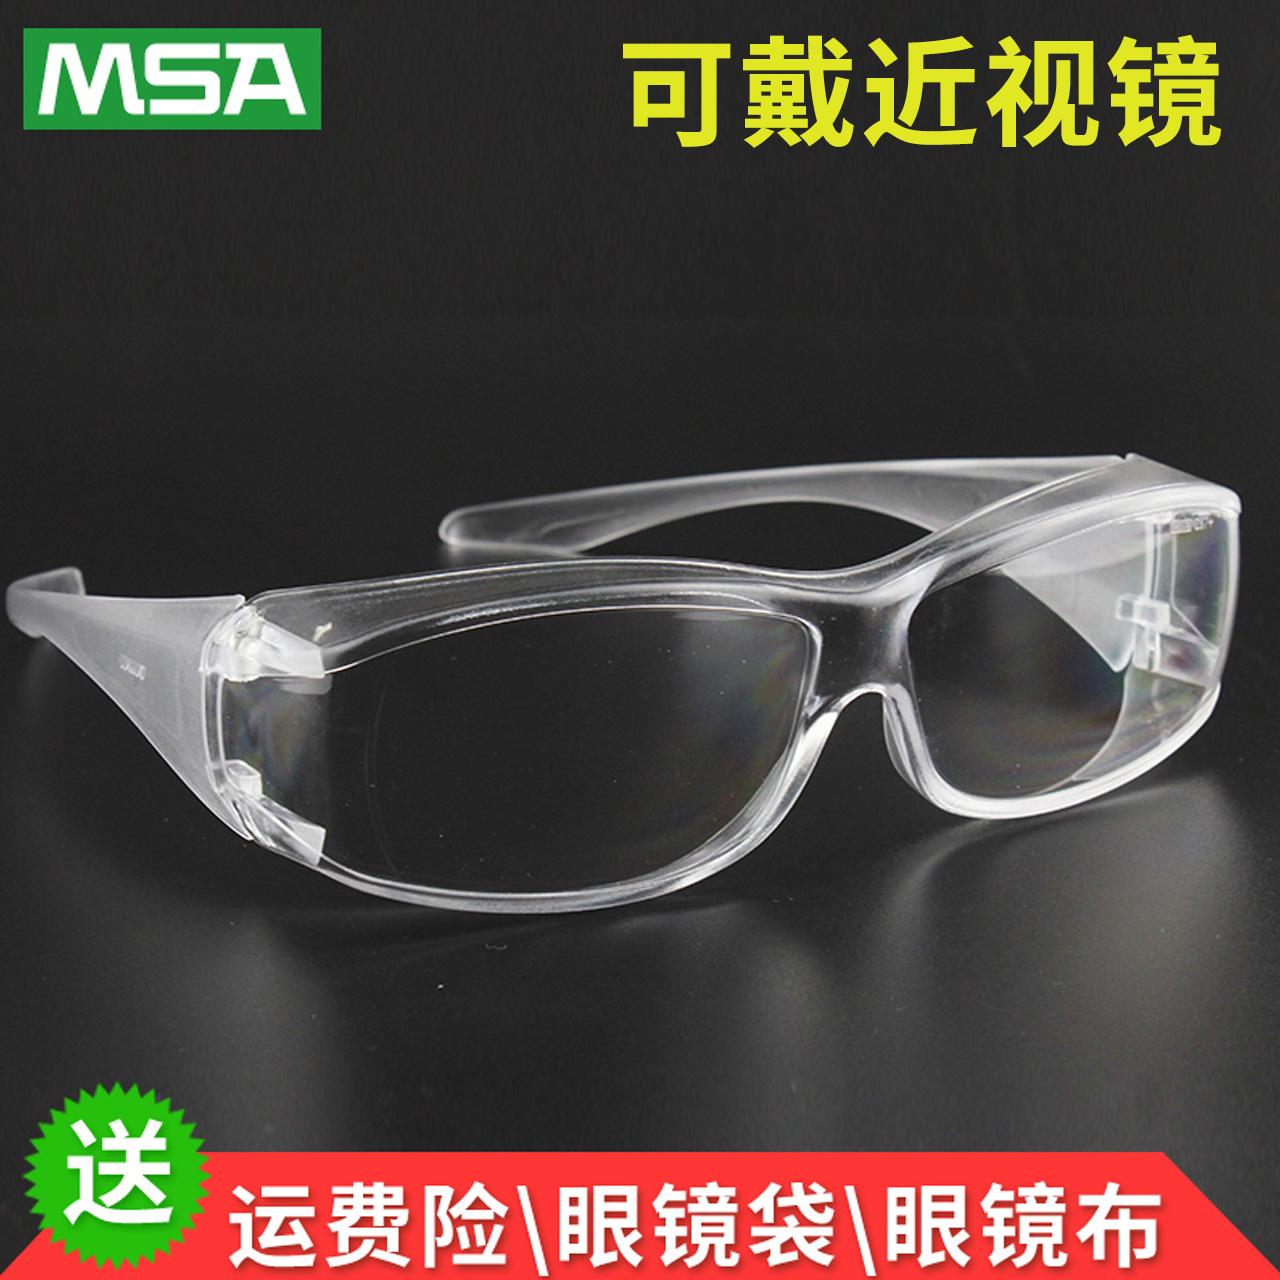 Защитные очки от ветра Артикул 39372659315